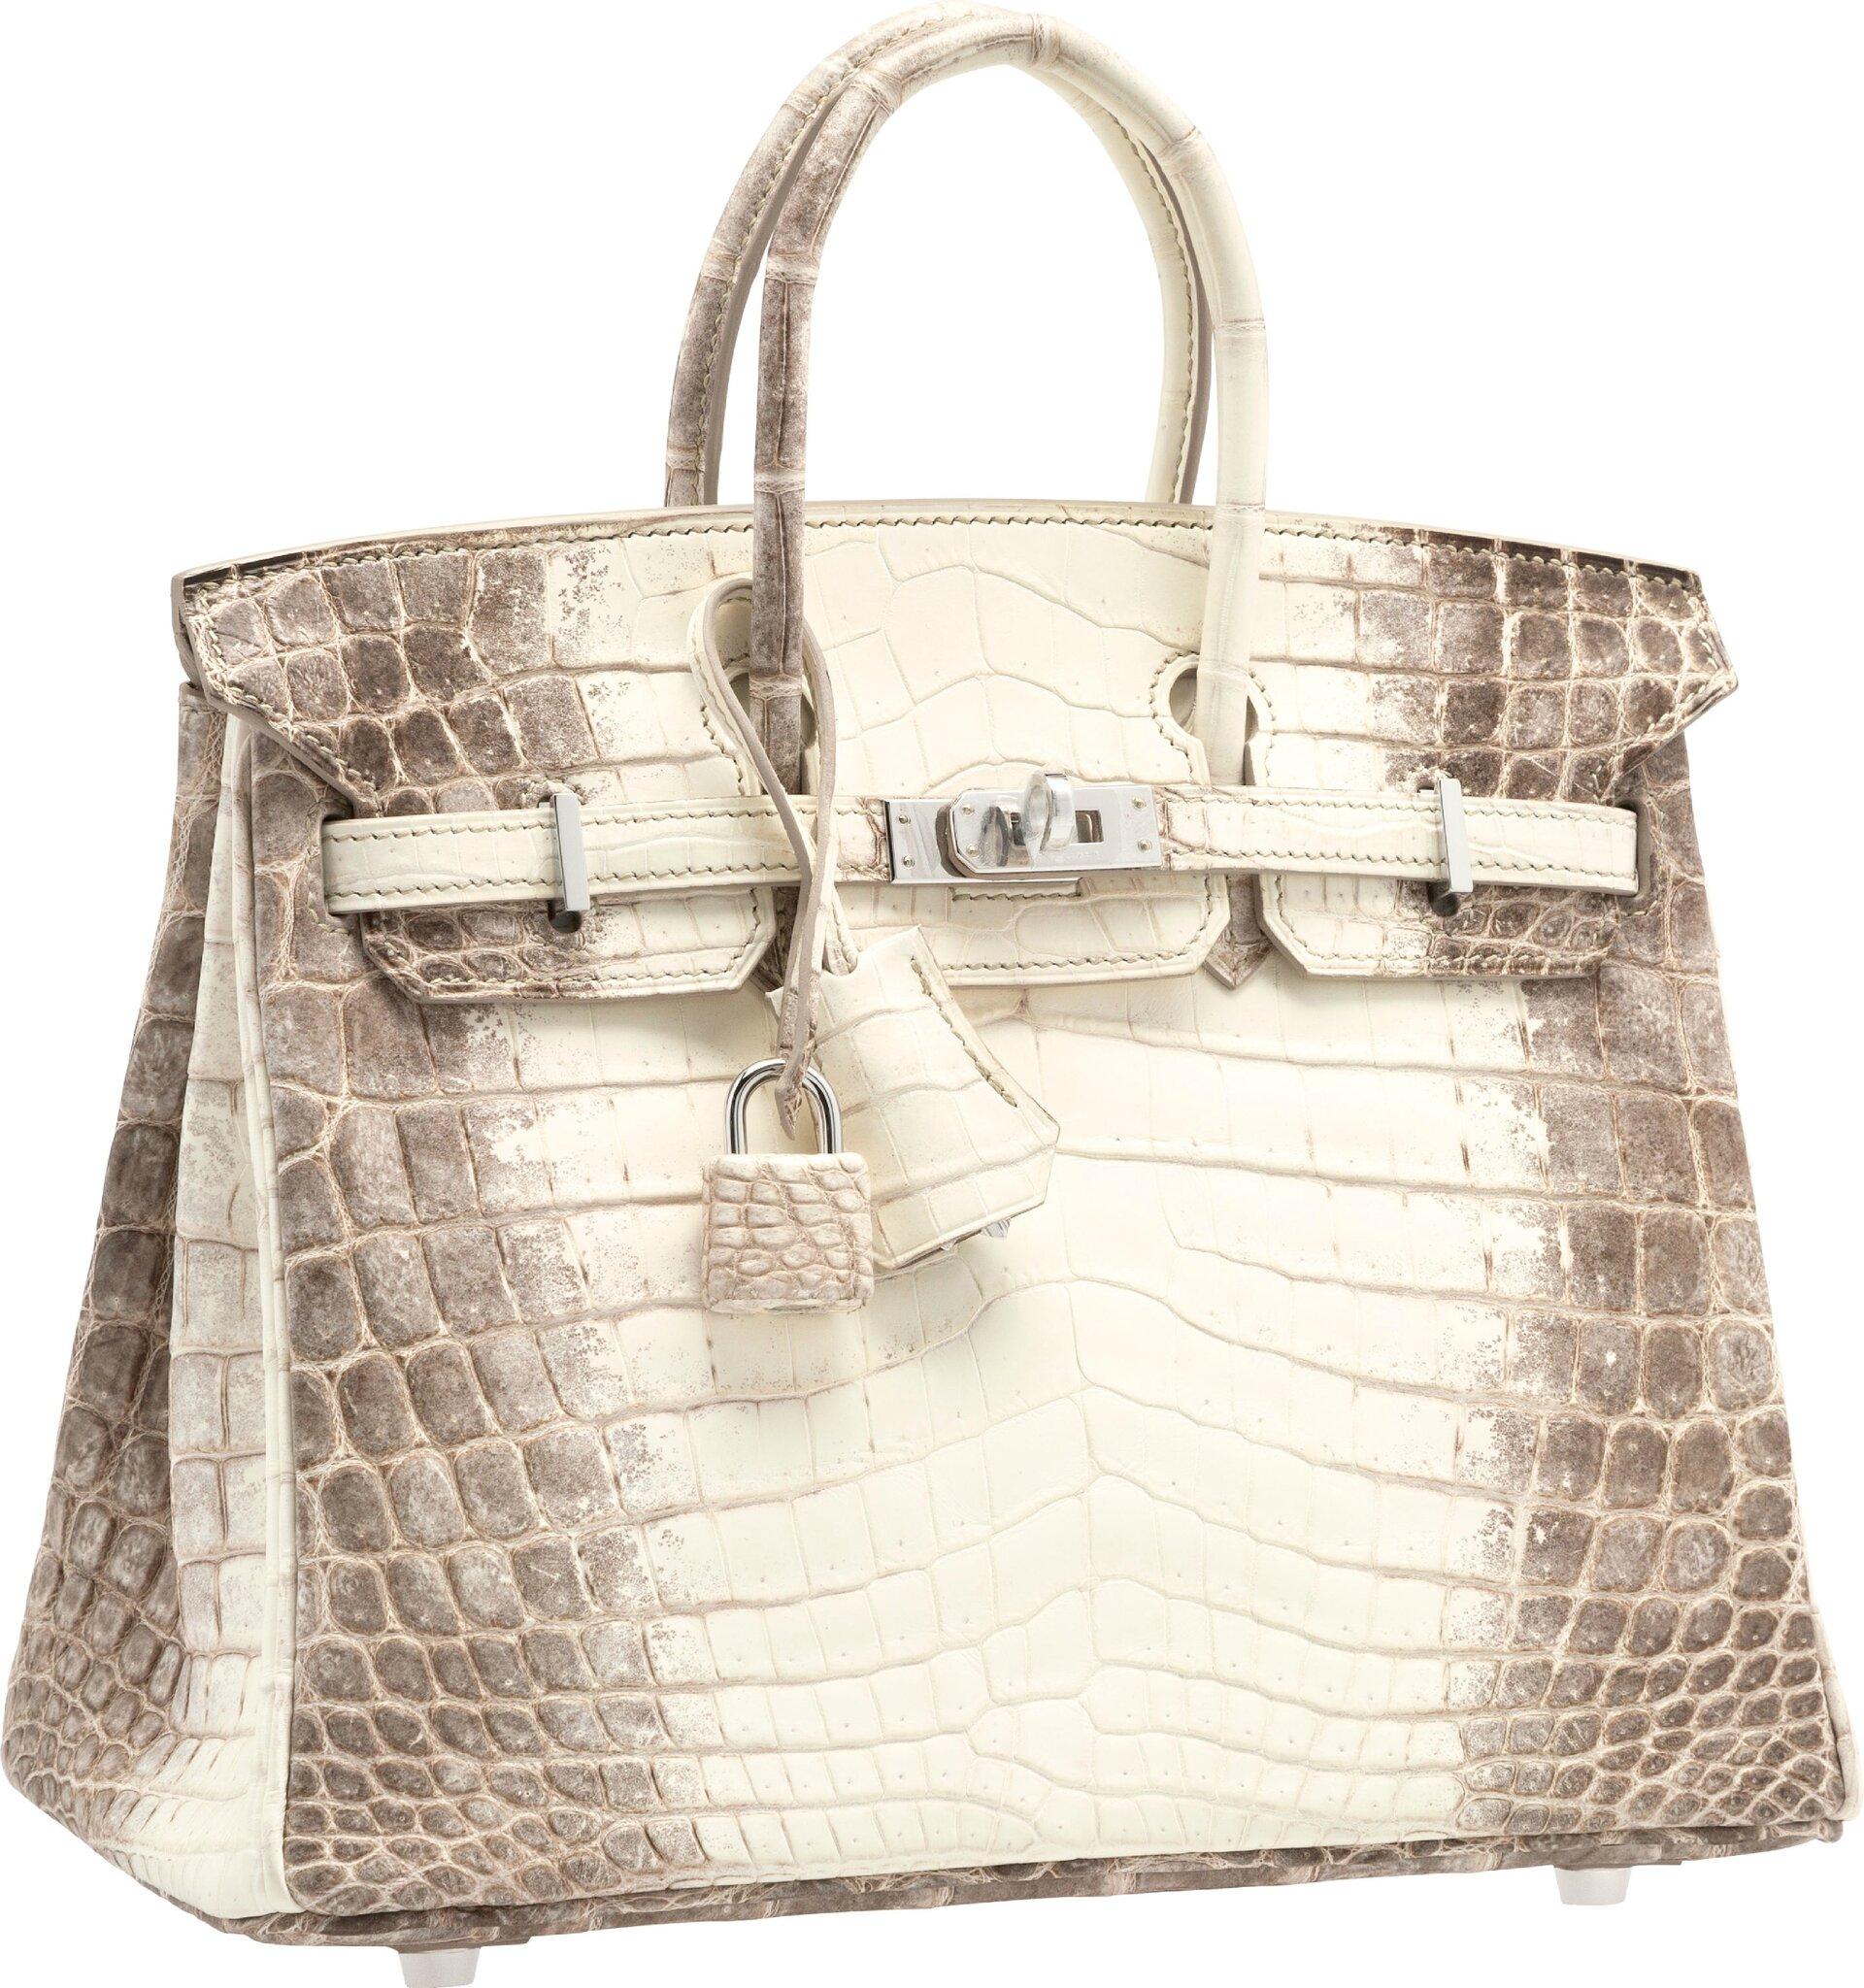 9c42c4da4db7 4 · 5 · 6. Lot 58201. Hermès 25cm Matte White Himalayan Nilo Crocodile  Birkin Bag with Palladium Hardware.